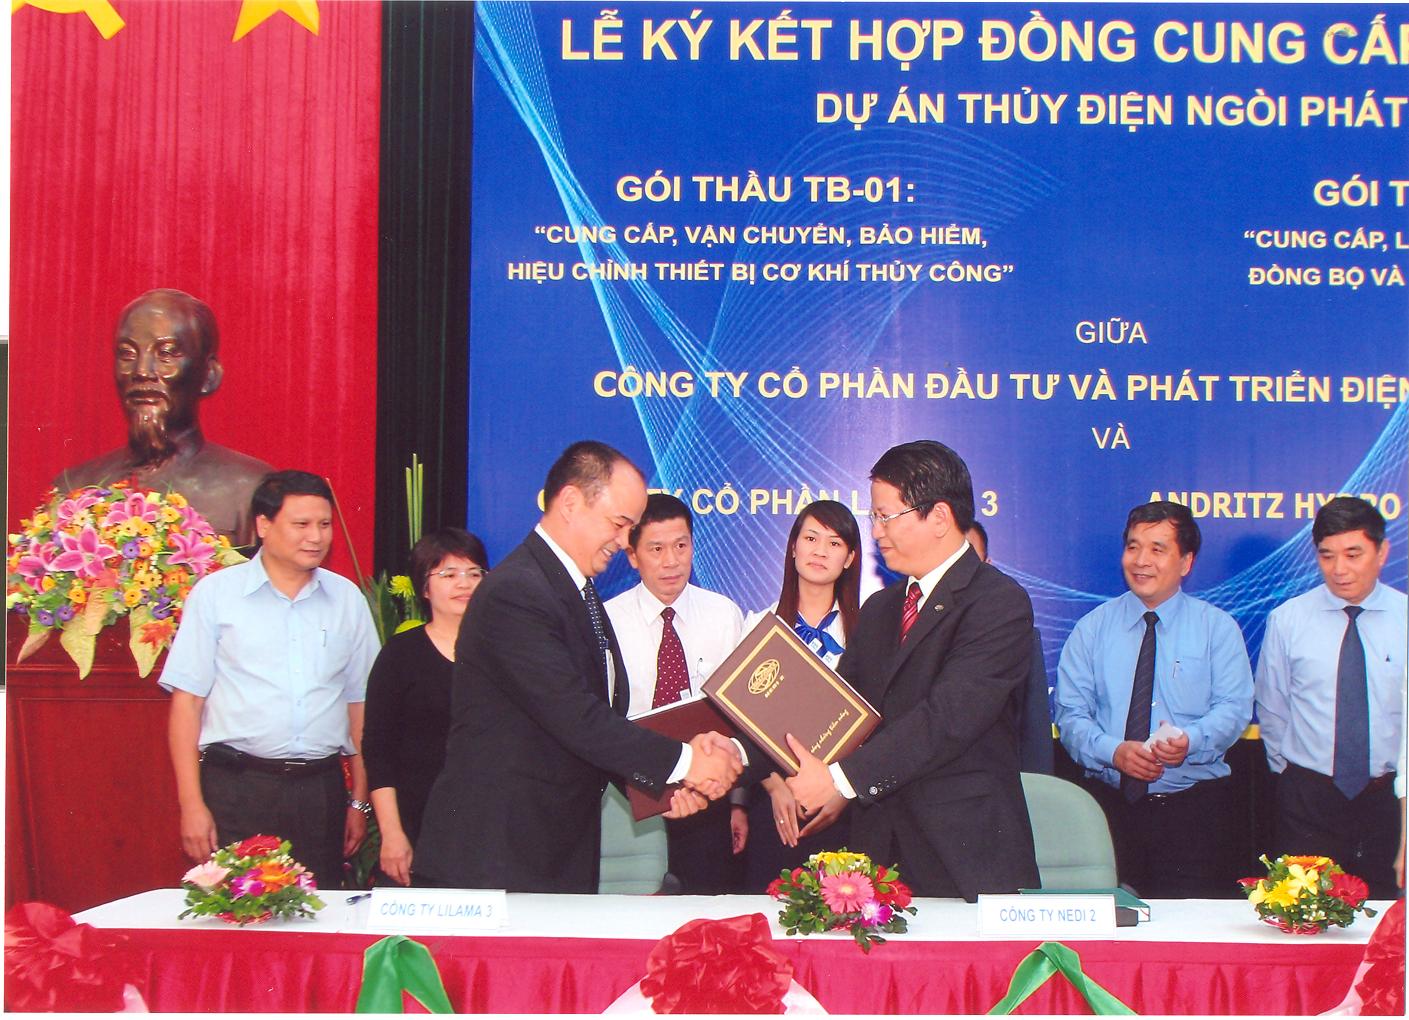 Lễ kí kết hợp đồng cung cấp thiết bị dự án thủy điện Ngòi Phát